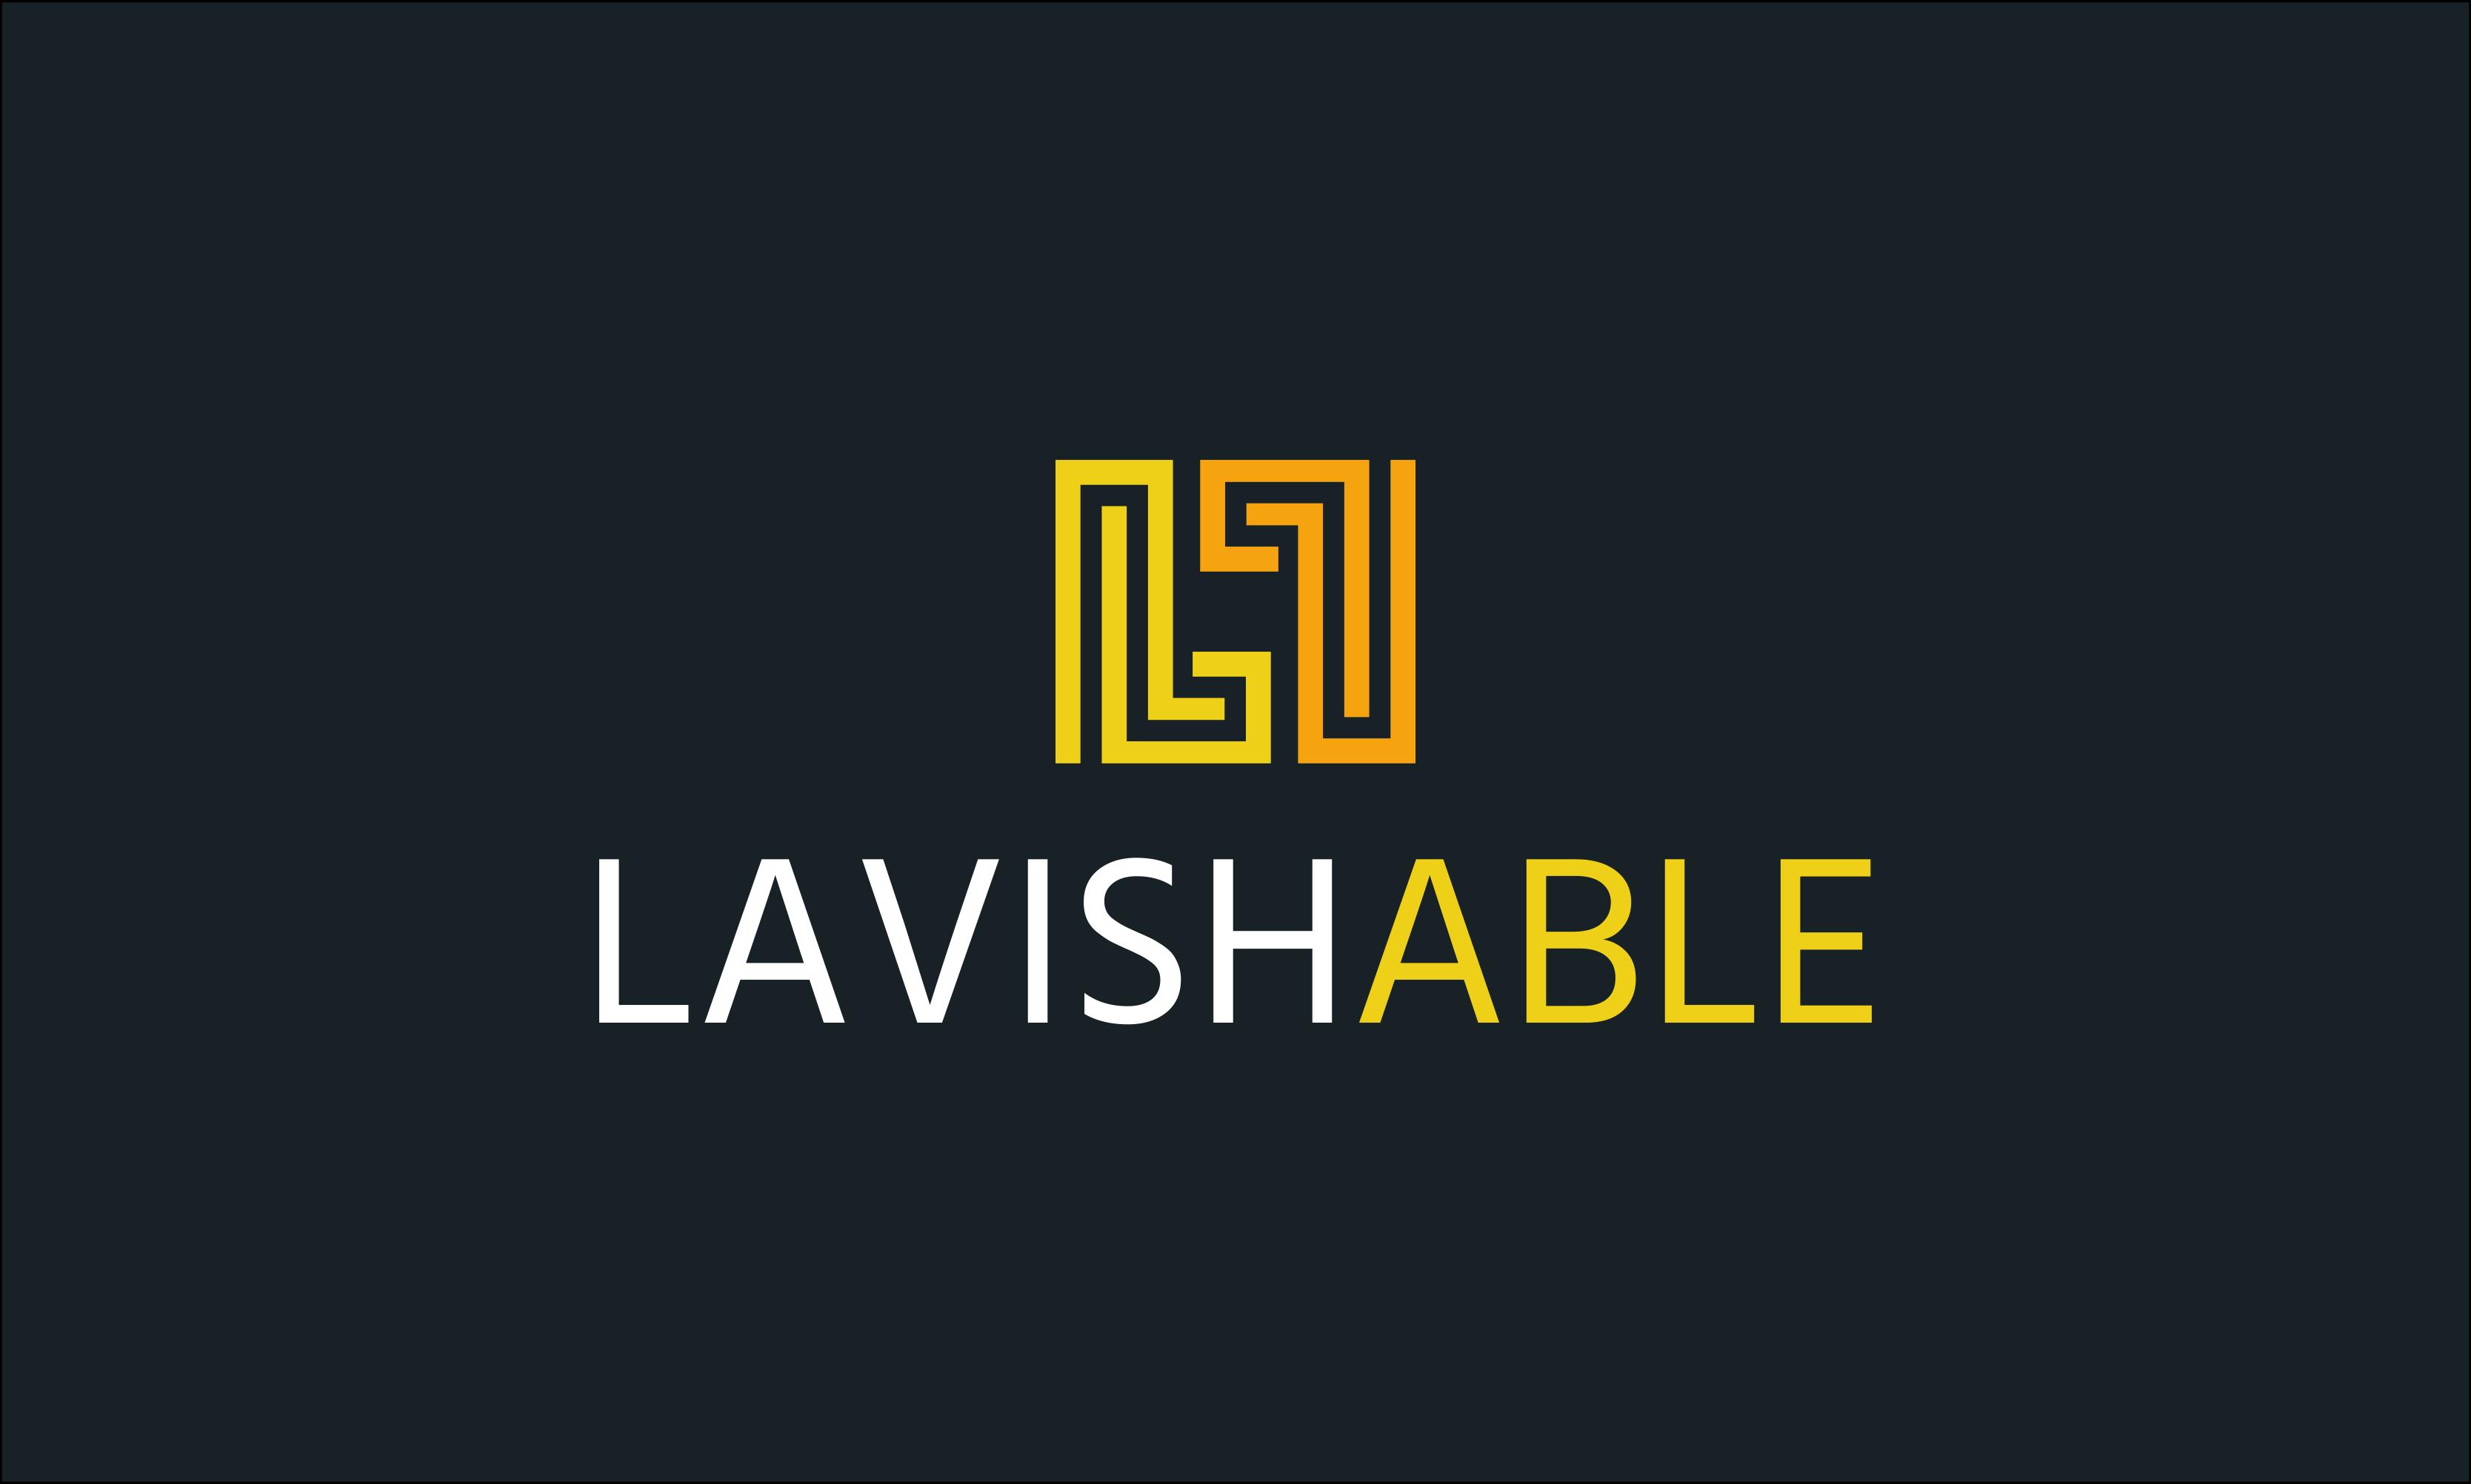 Lavishable